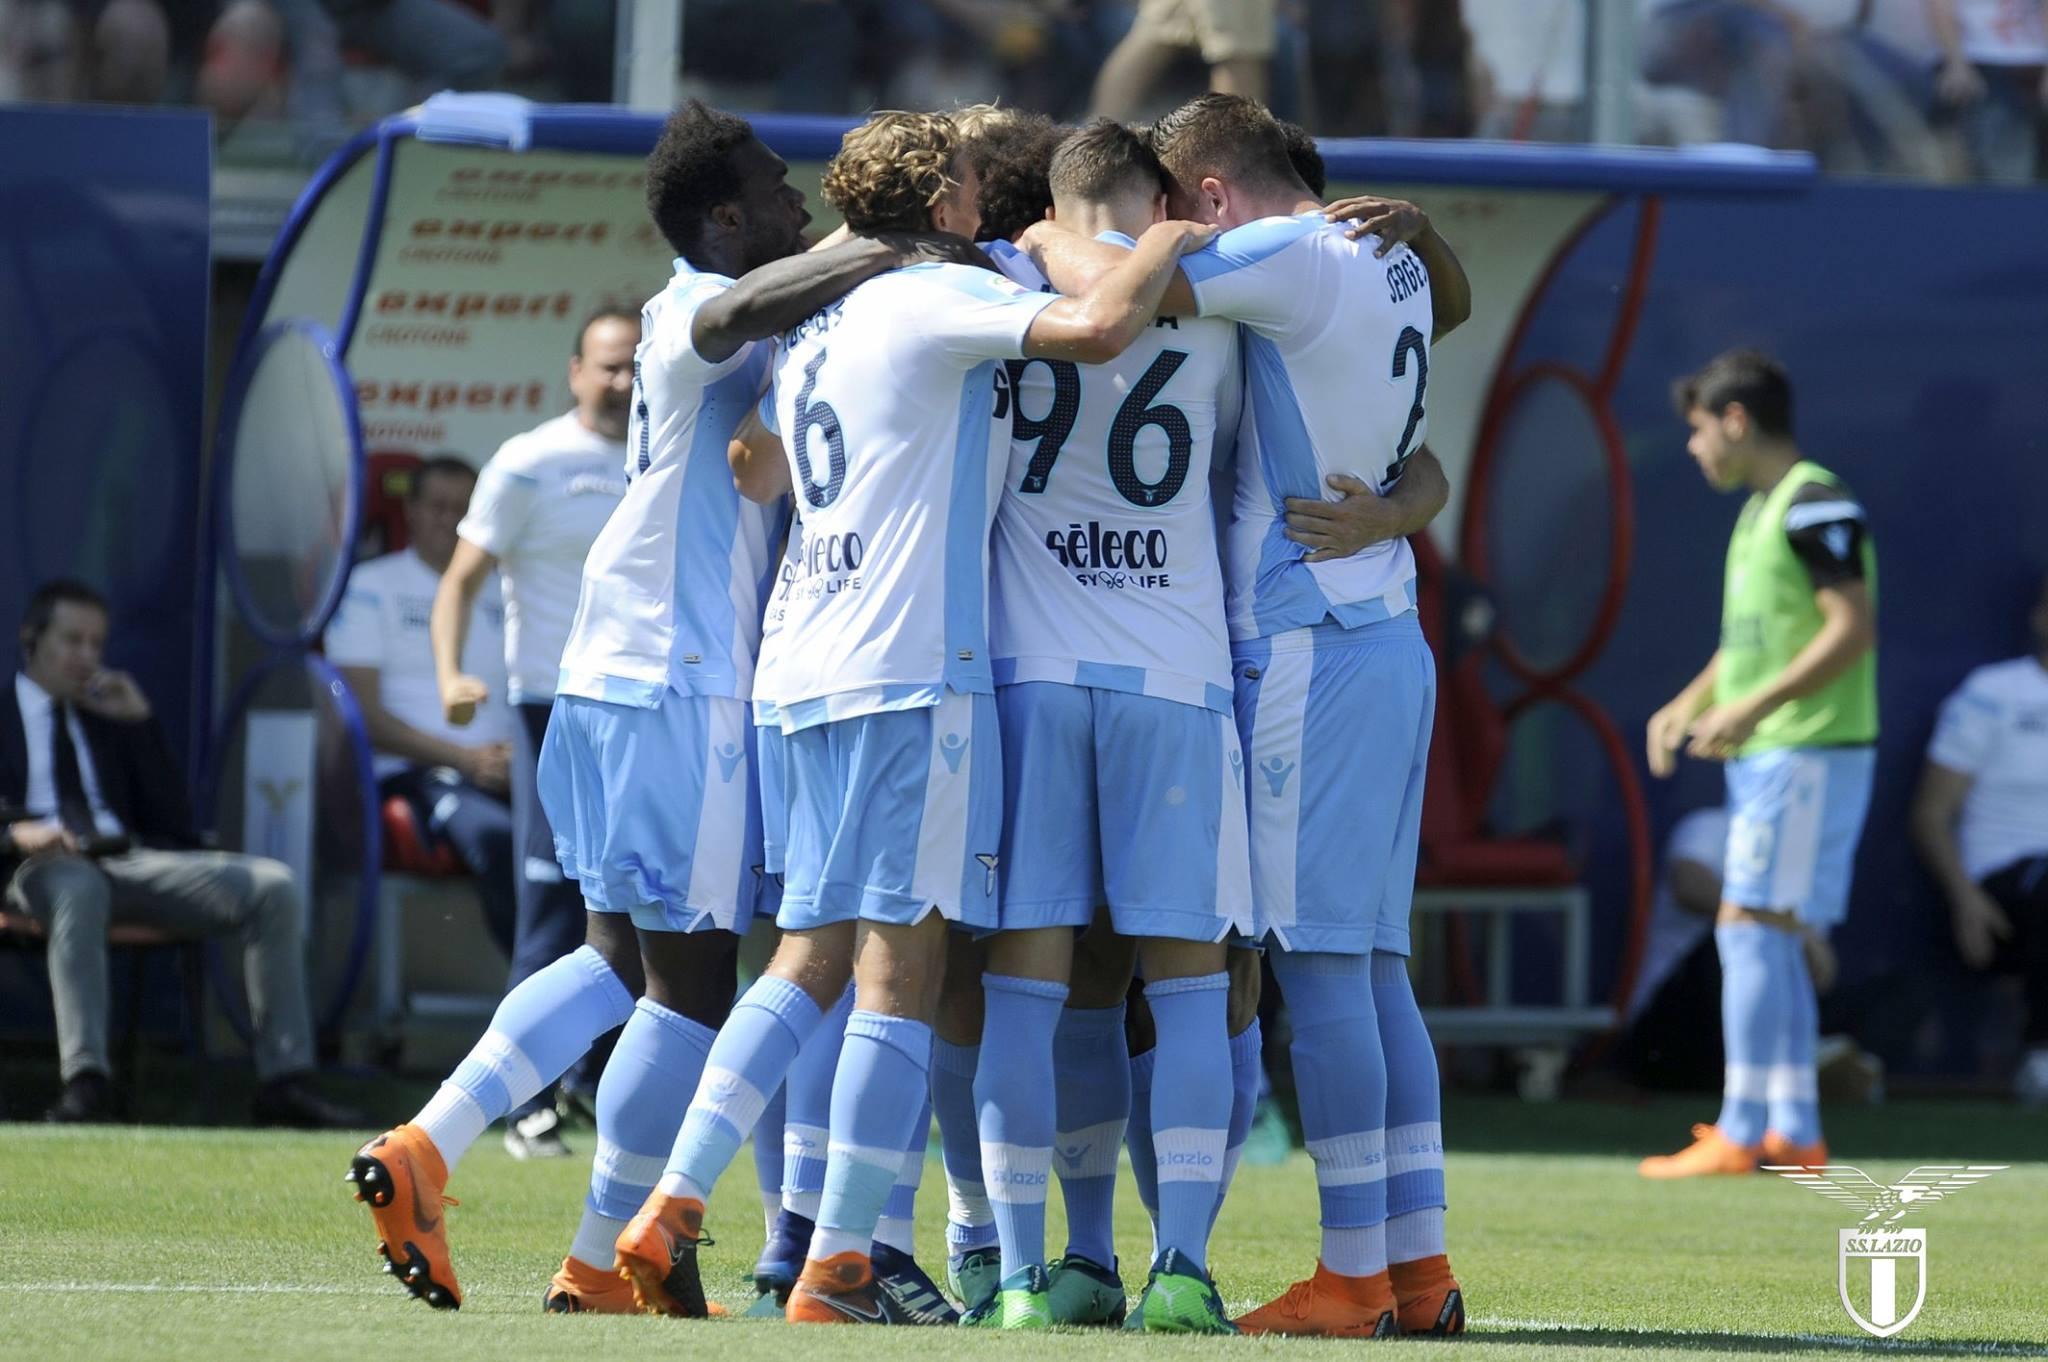 La Lazio fallisce il match point col Crotone: 2-2 allo Scida